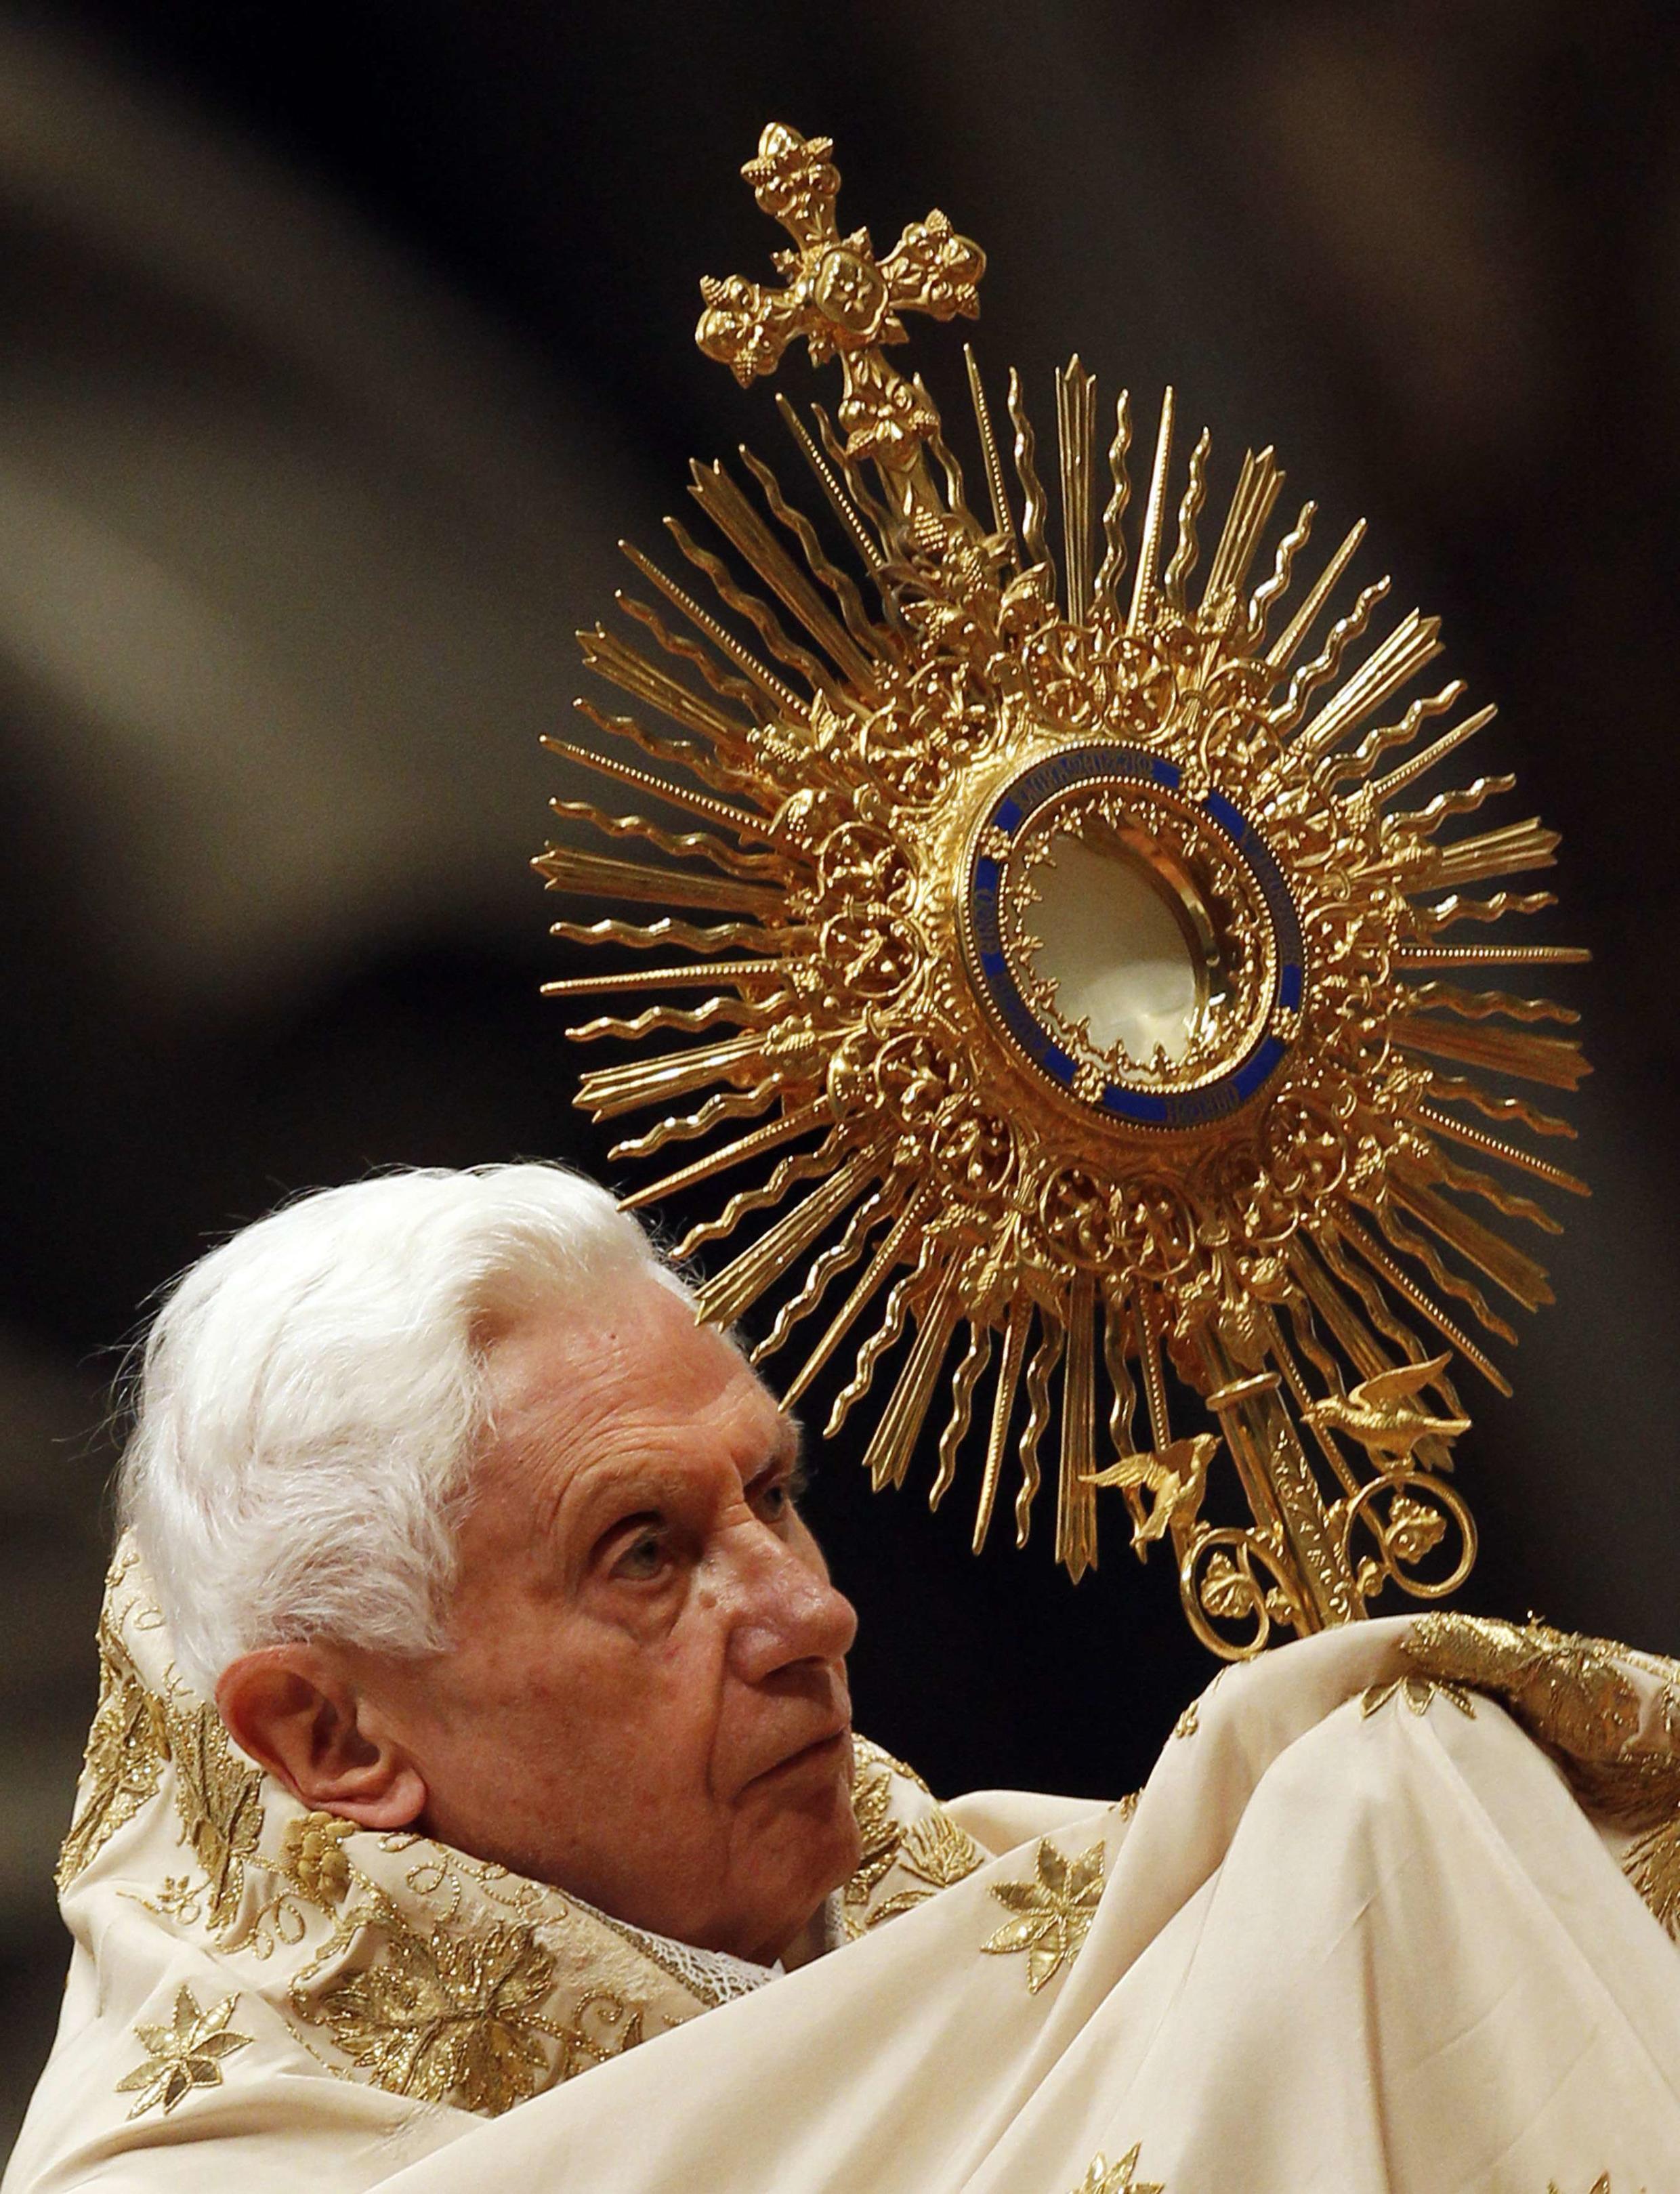 Primeira missa de 2012 do papa Bento XVI no Vaticano